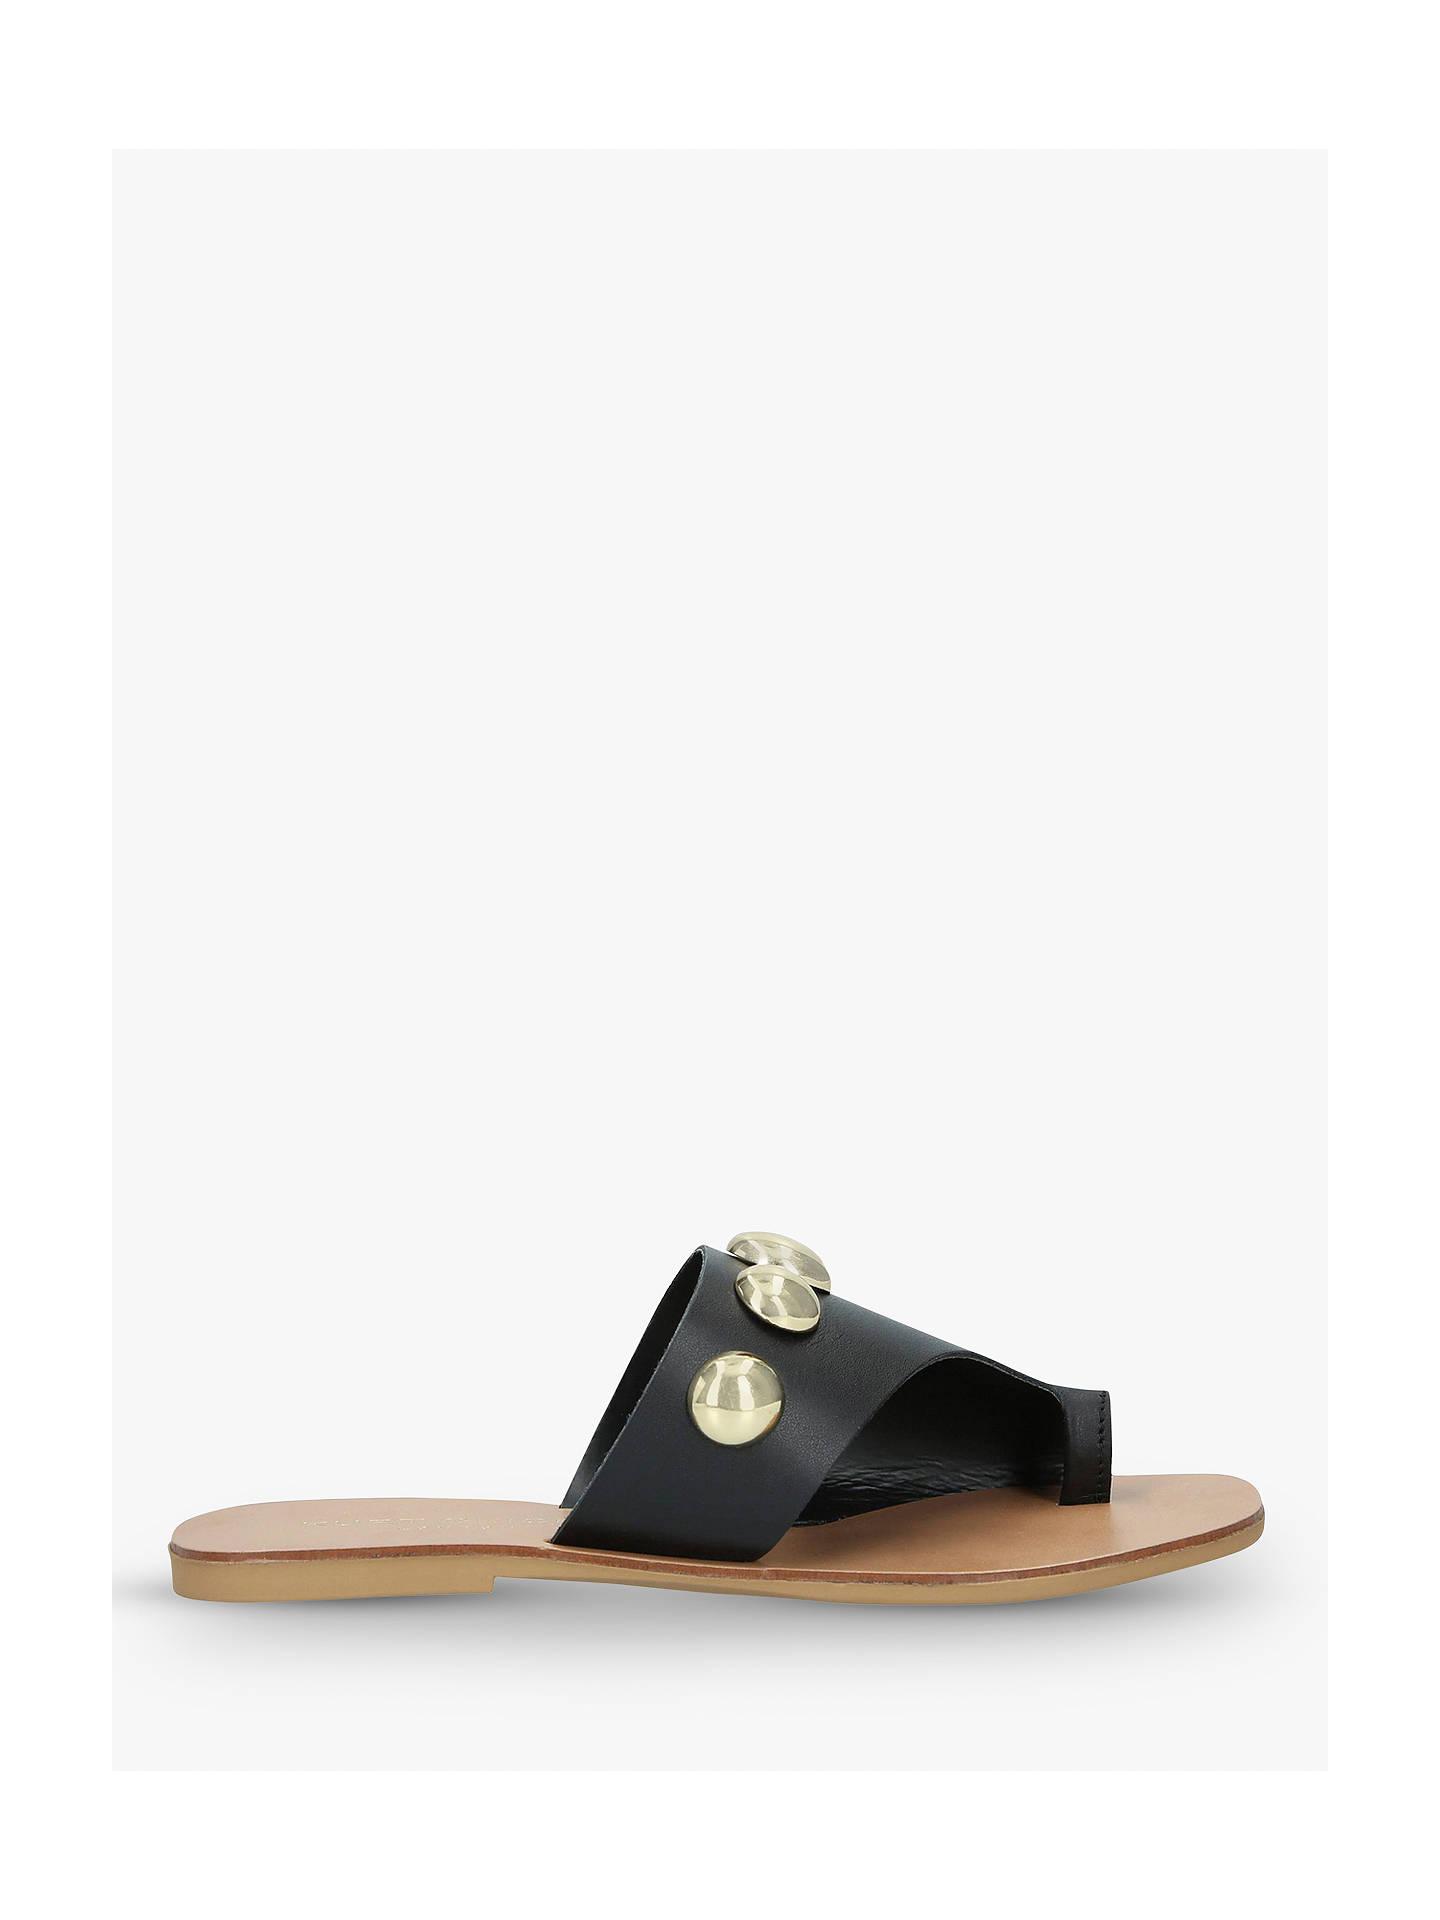 d2d3829708dd Kurt Geiger London Deena Studded Slip On Sandals at John Lewis ...